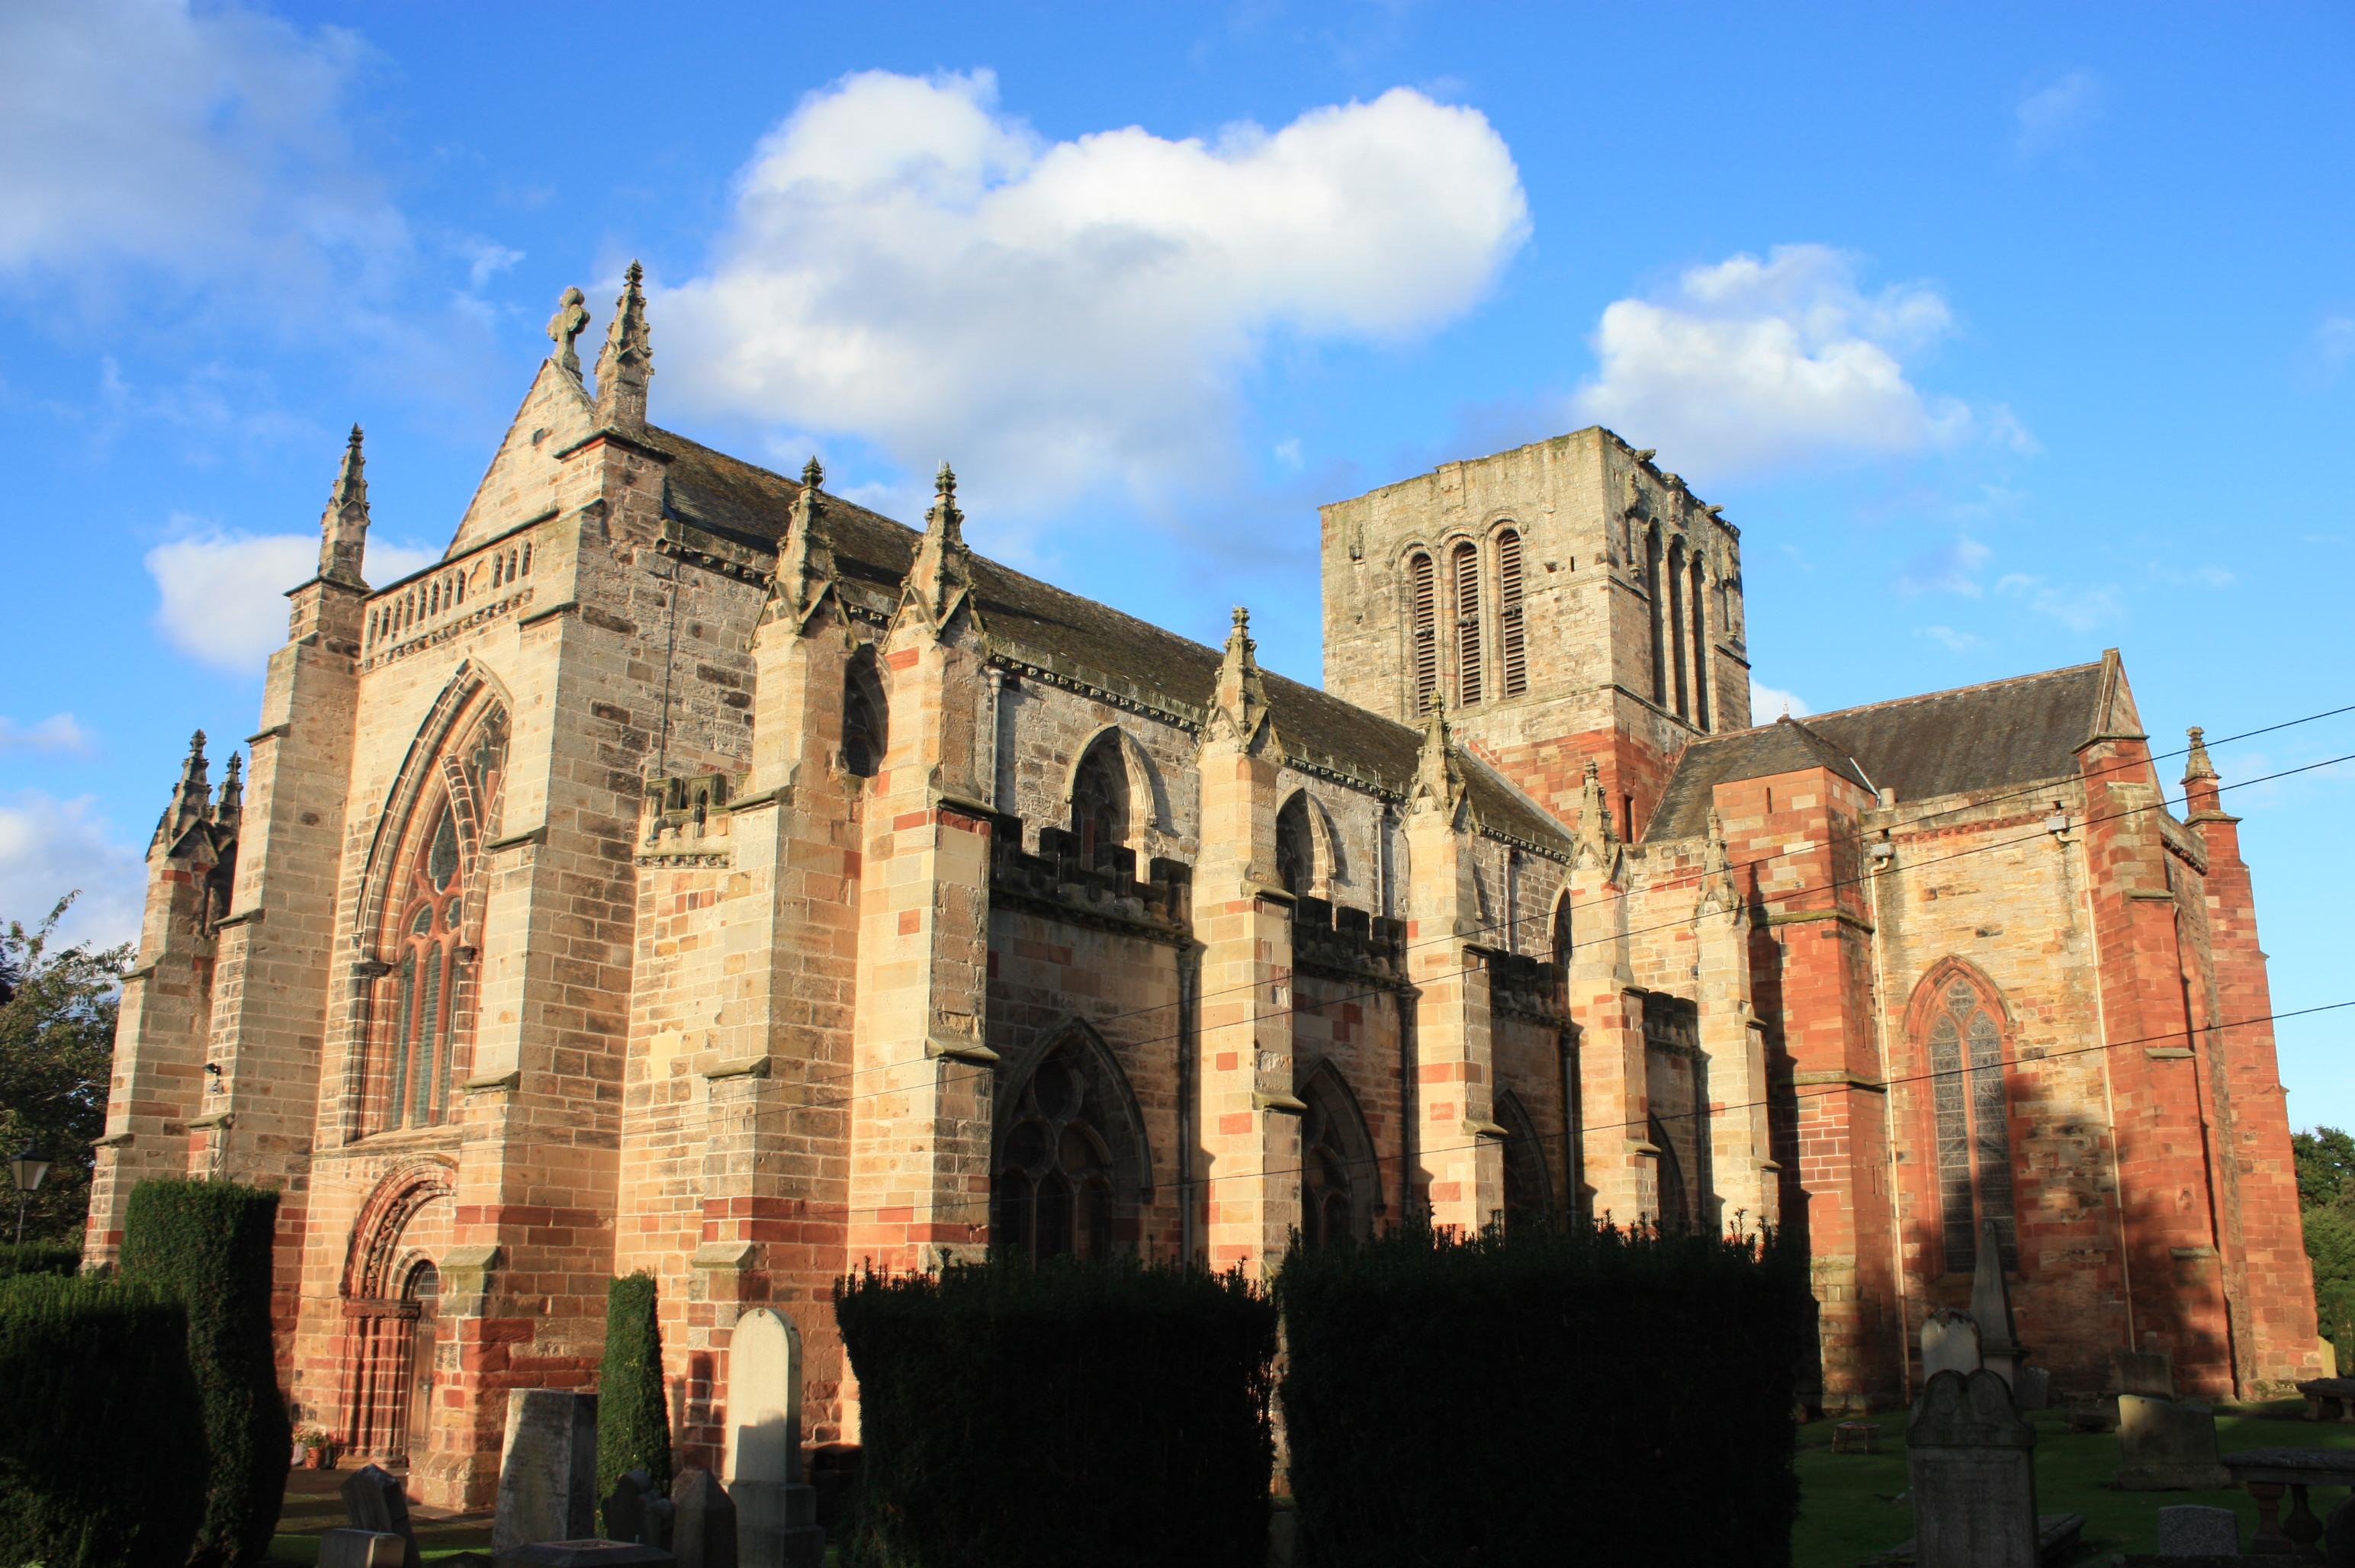 St Mary's Collegiate Church, Haddington - Wikipedia